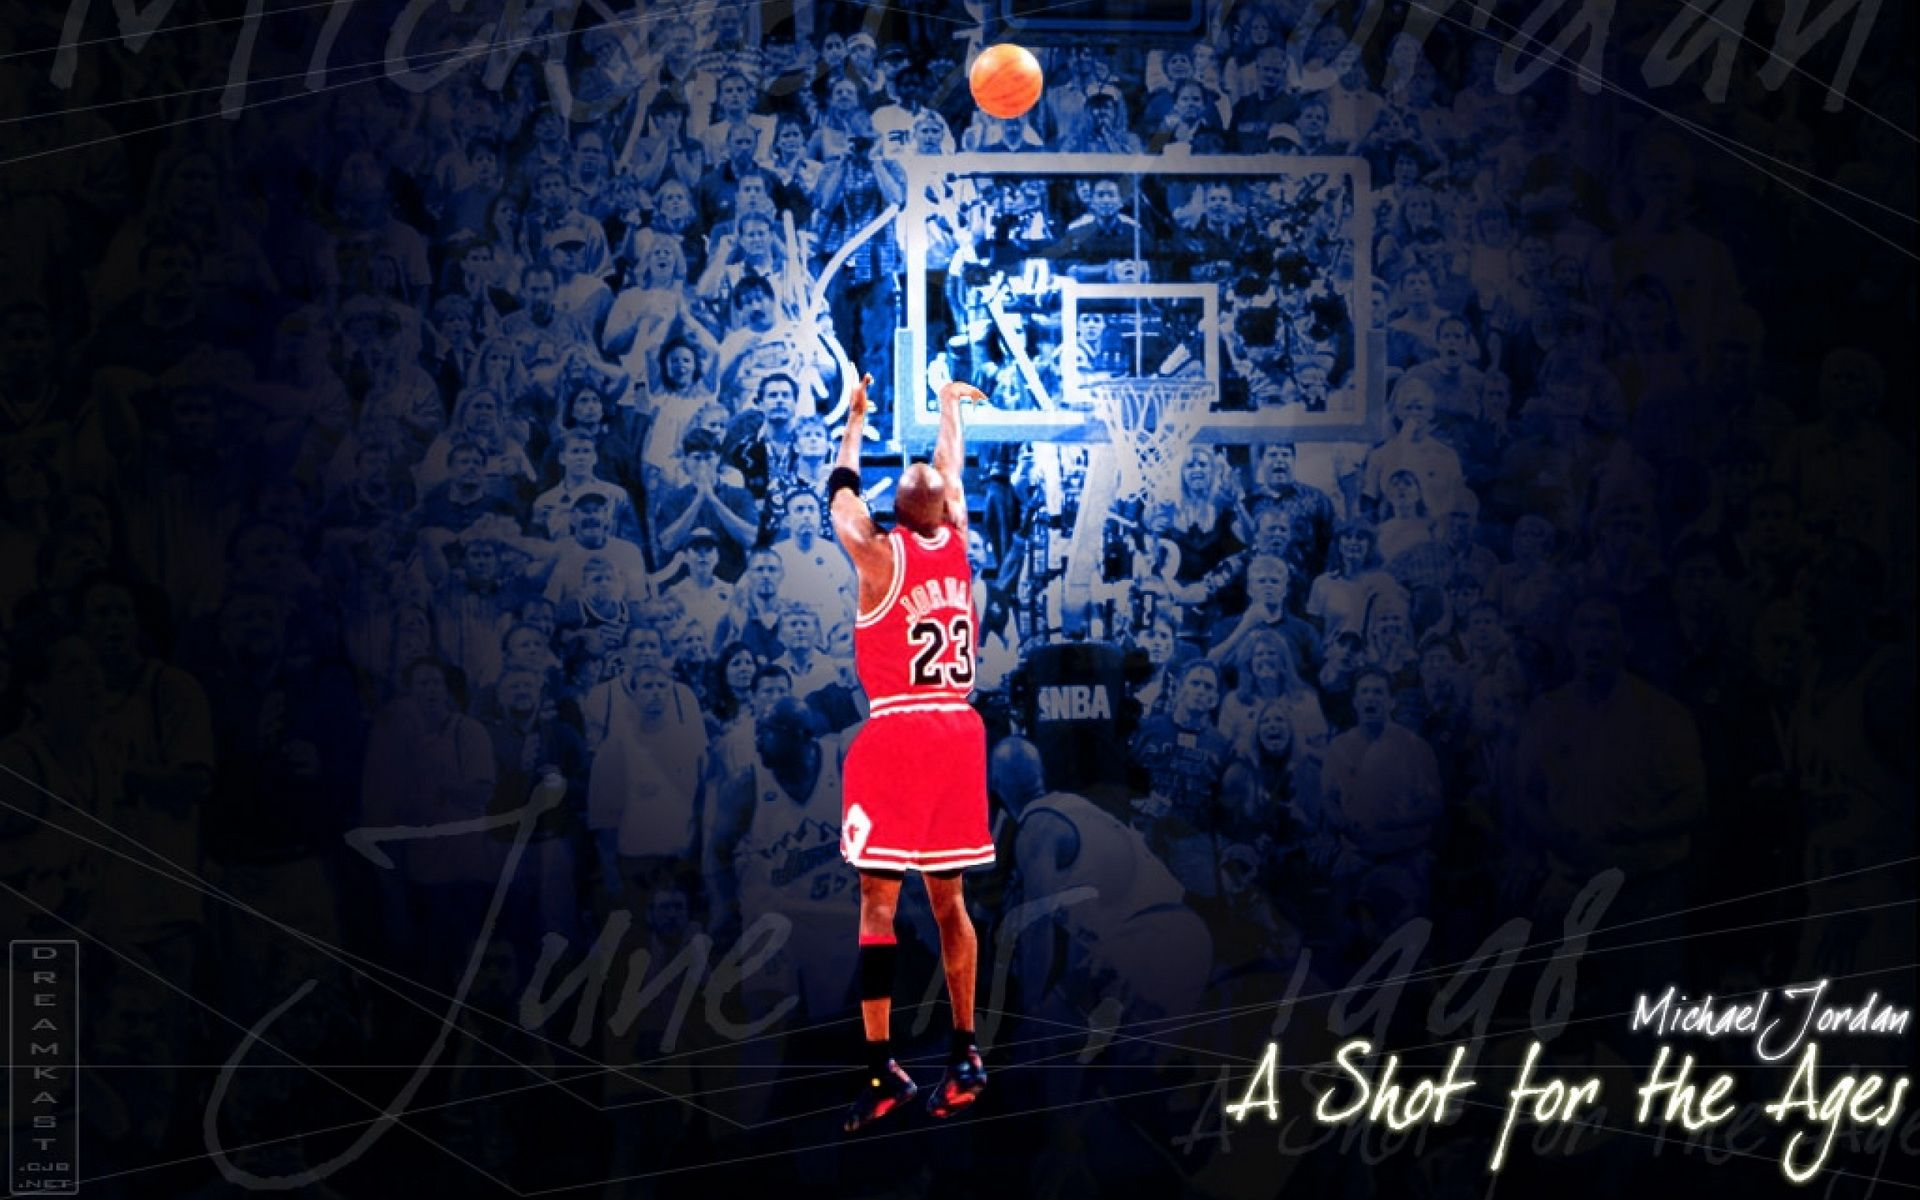 Nike Quotes Wallpaper Quotesgram Hd Air Jordan Logo Wallpapers For Free Download